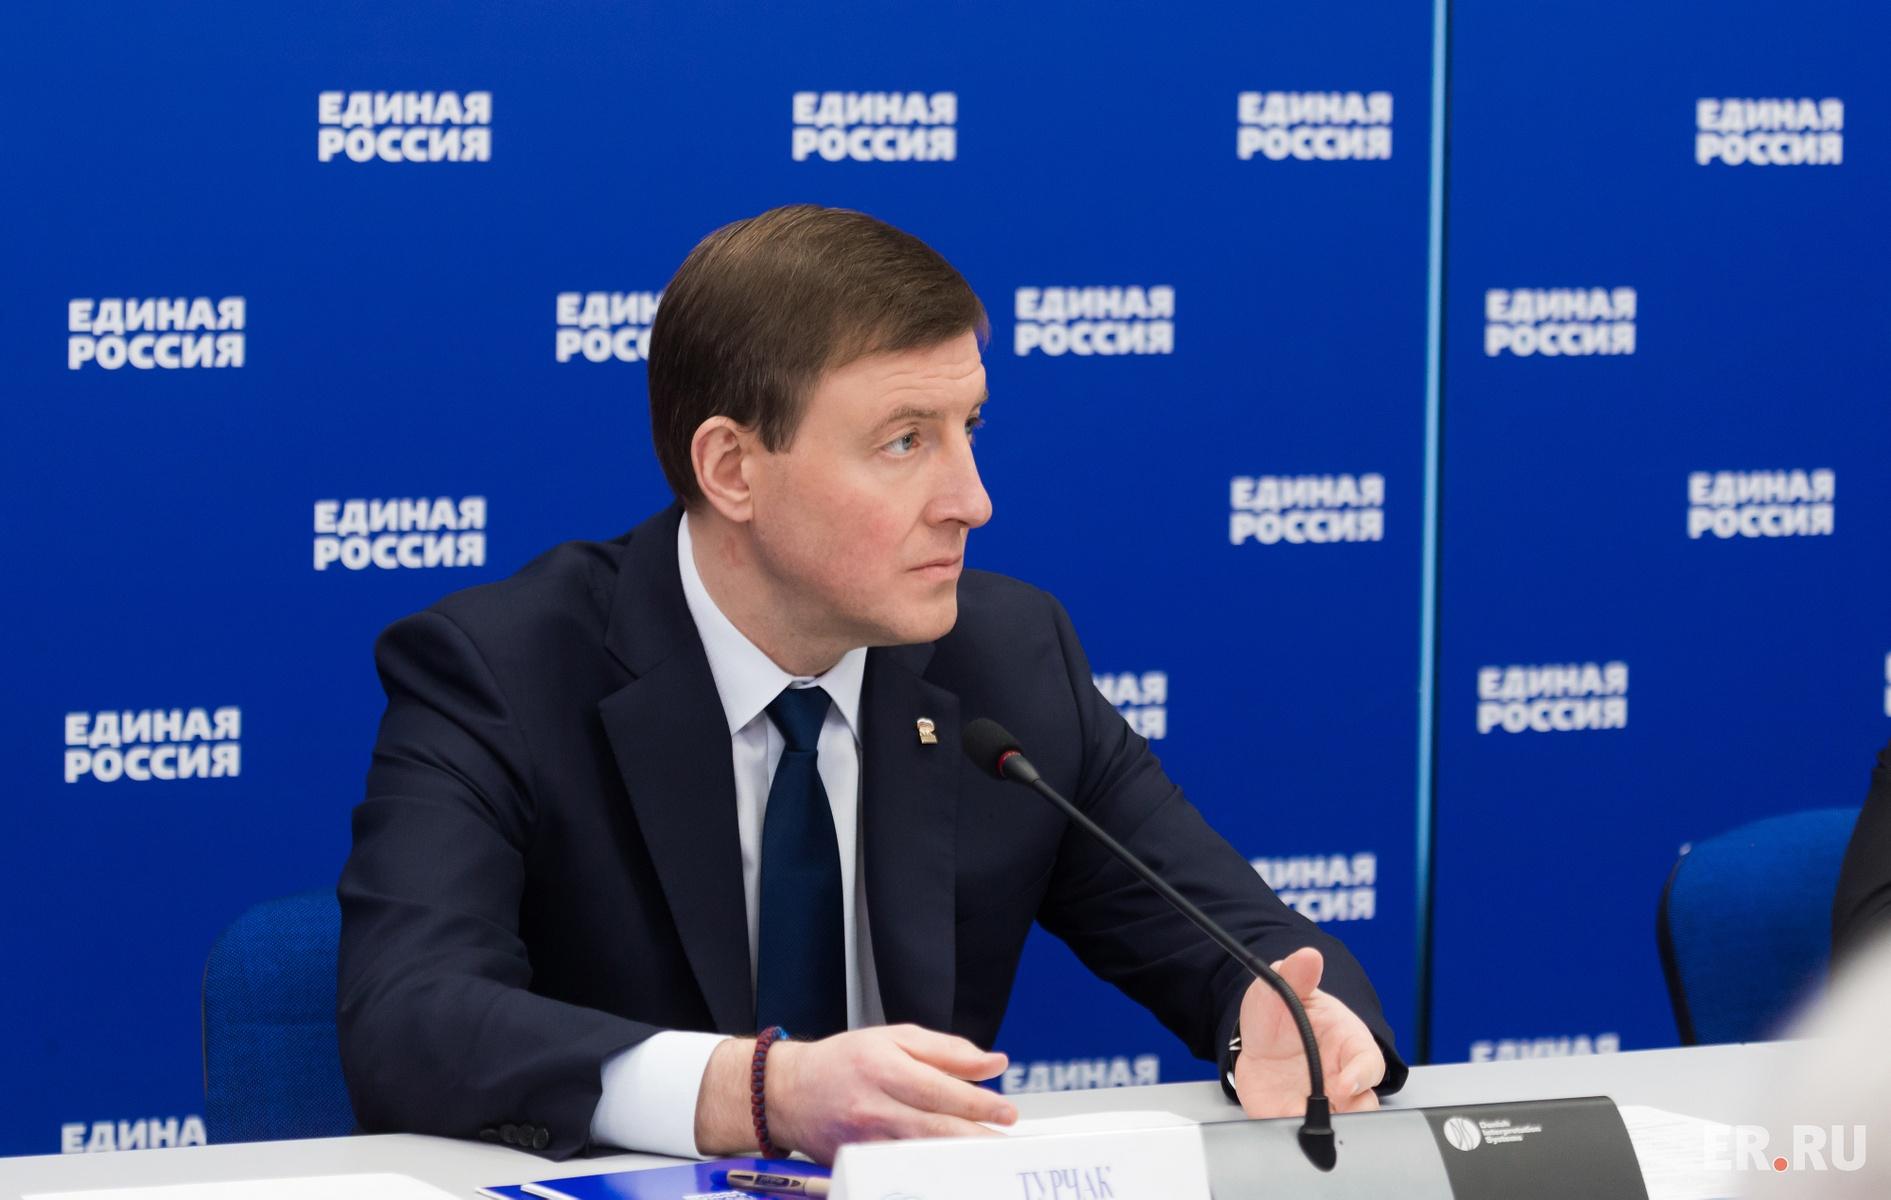 Дмитрий Медведев провел встречу с кандидатами на должность секретарей региональных отделений партии